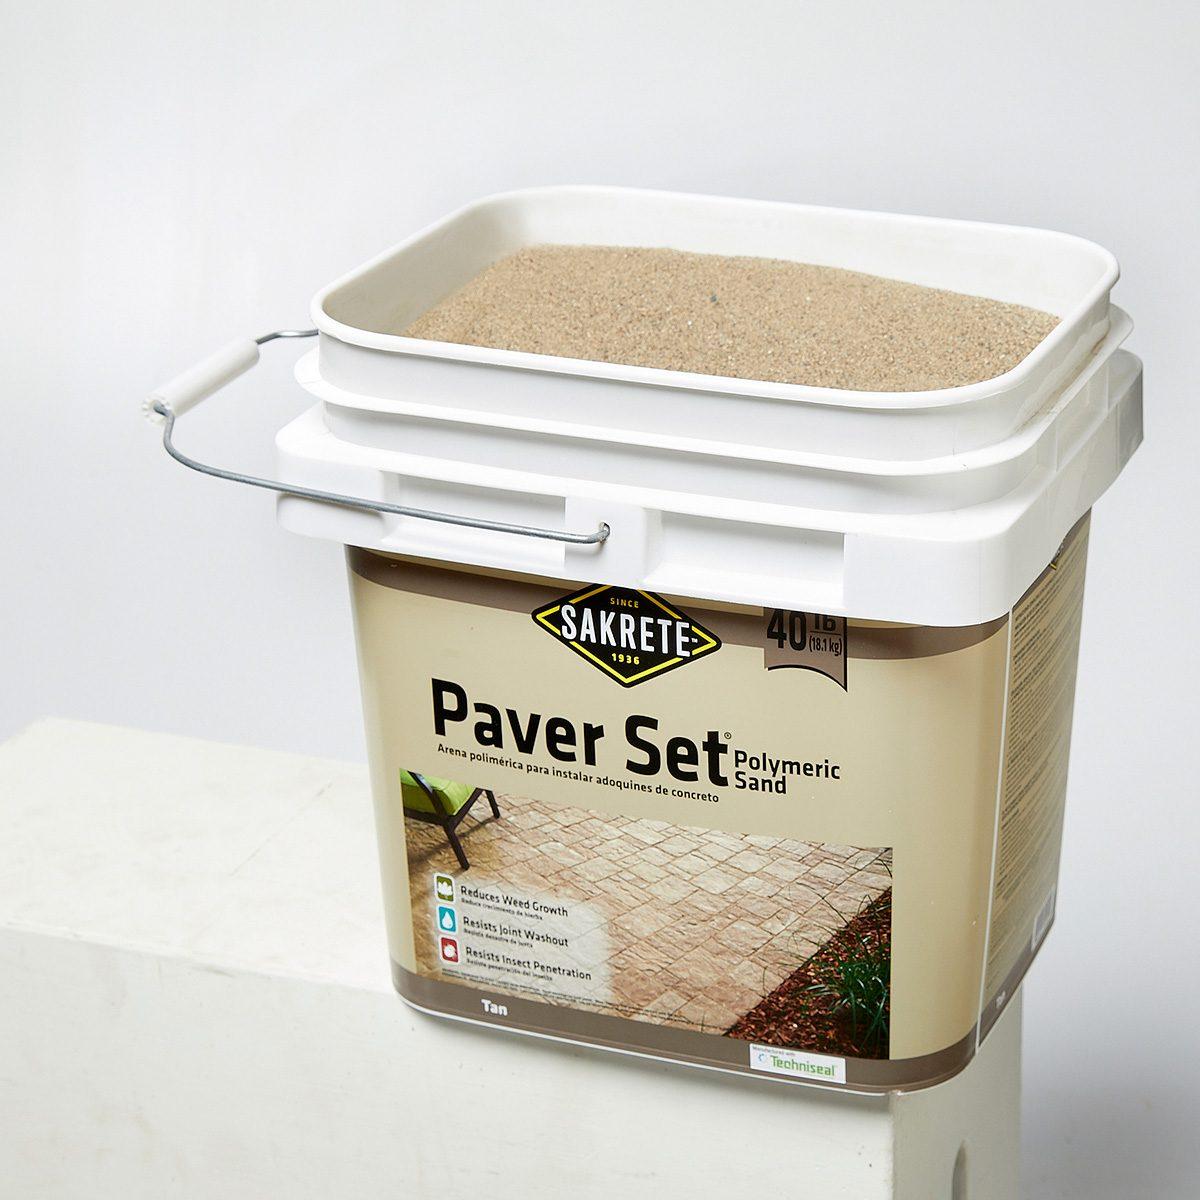 Paver Set